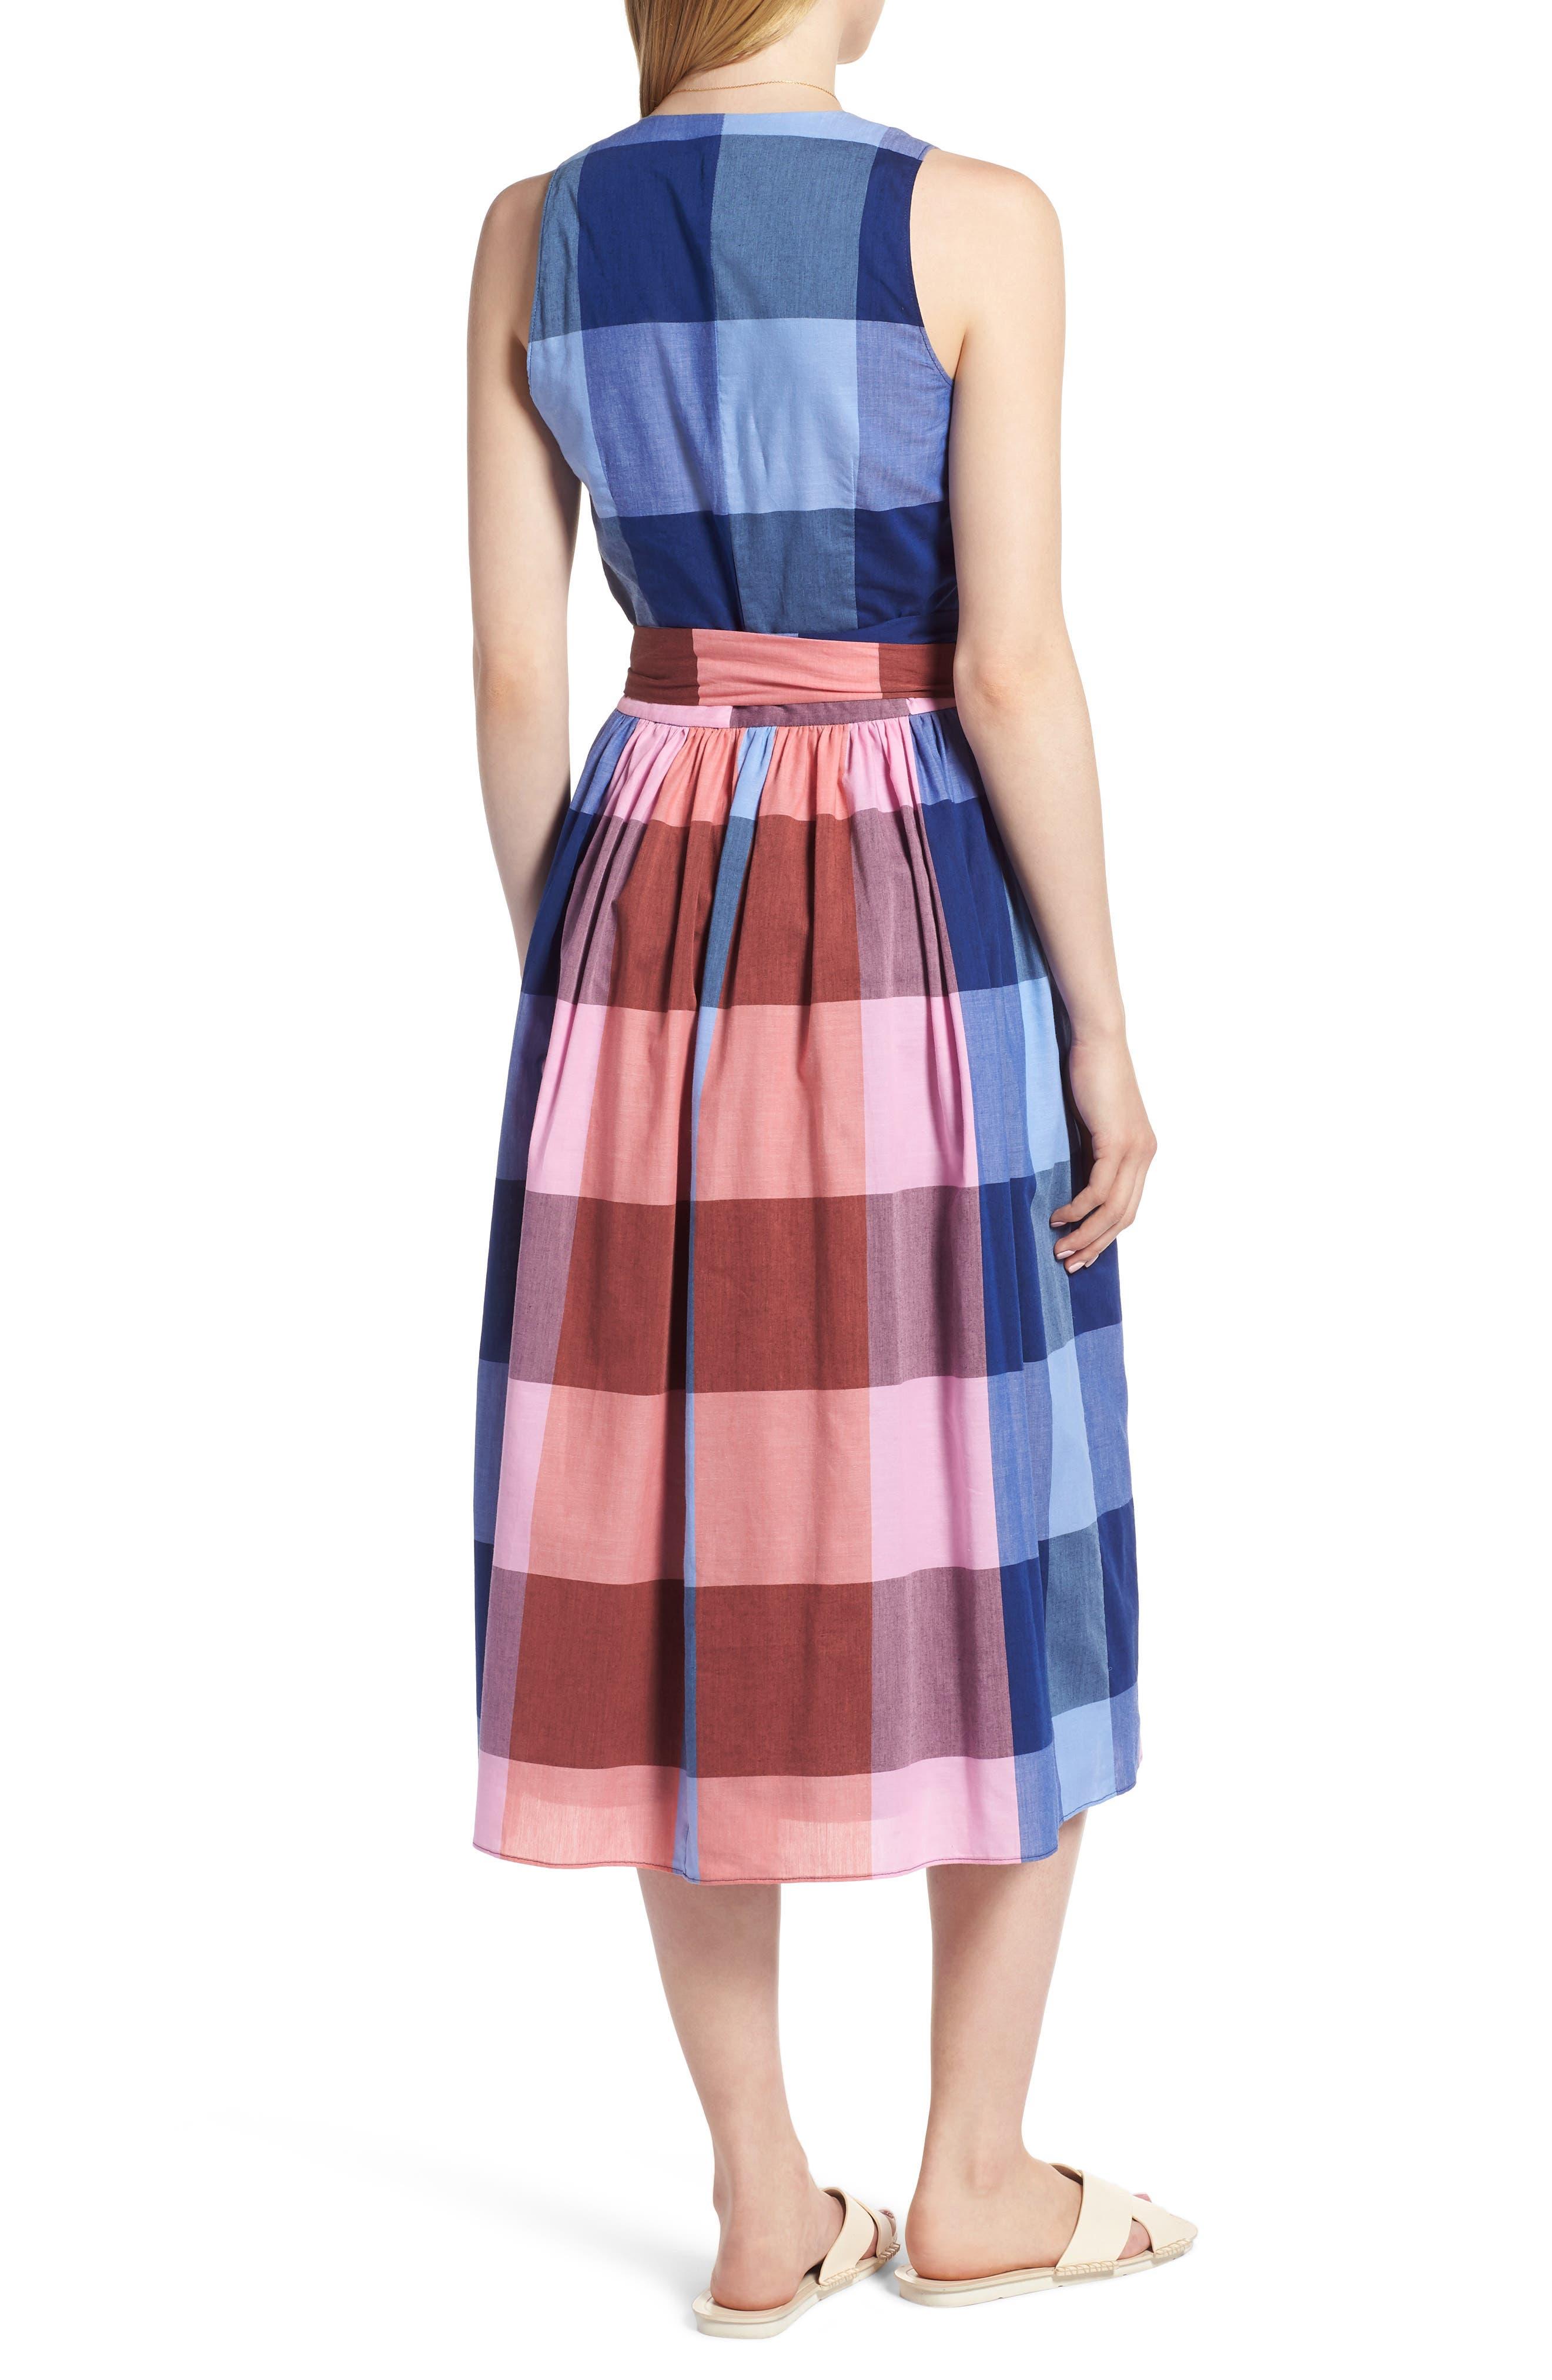 Plaid Cotton Wrap Style Dress,                             Alternate thumbnail 2, color,                             Pink- Blue Plaid